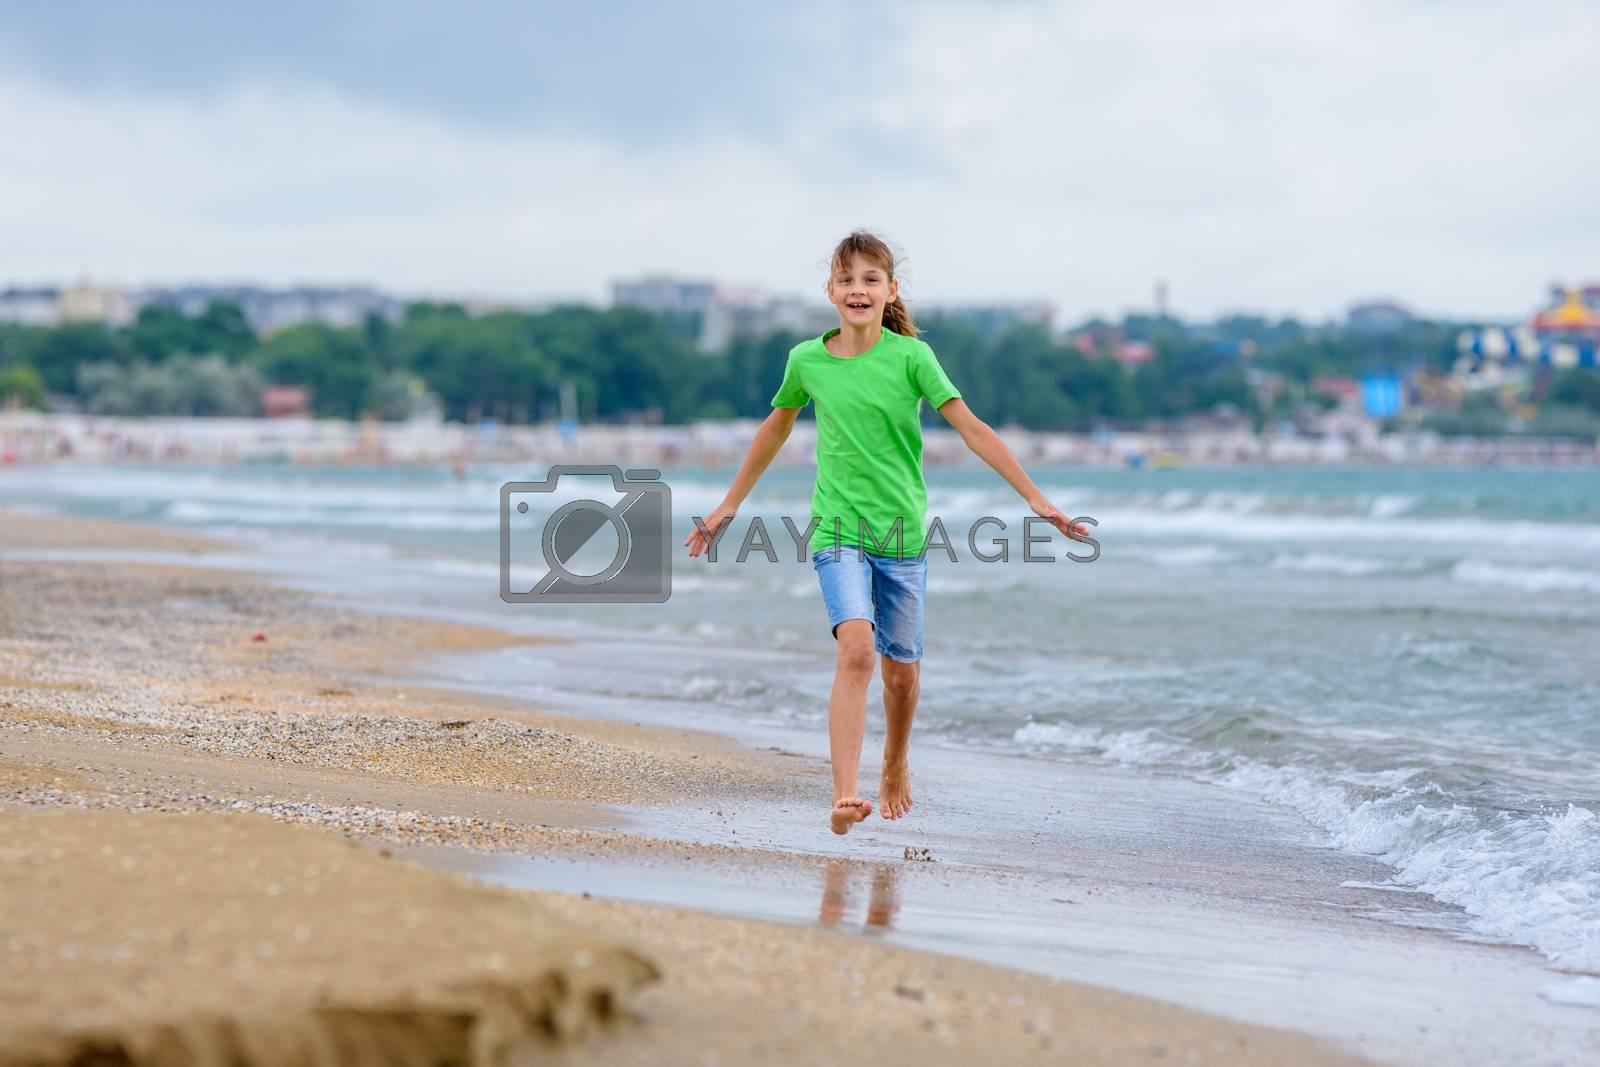 The girl runs happily along the sea coast